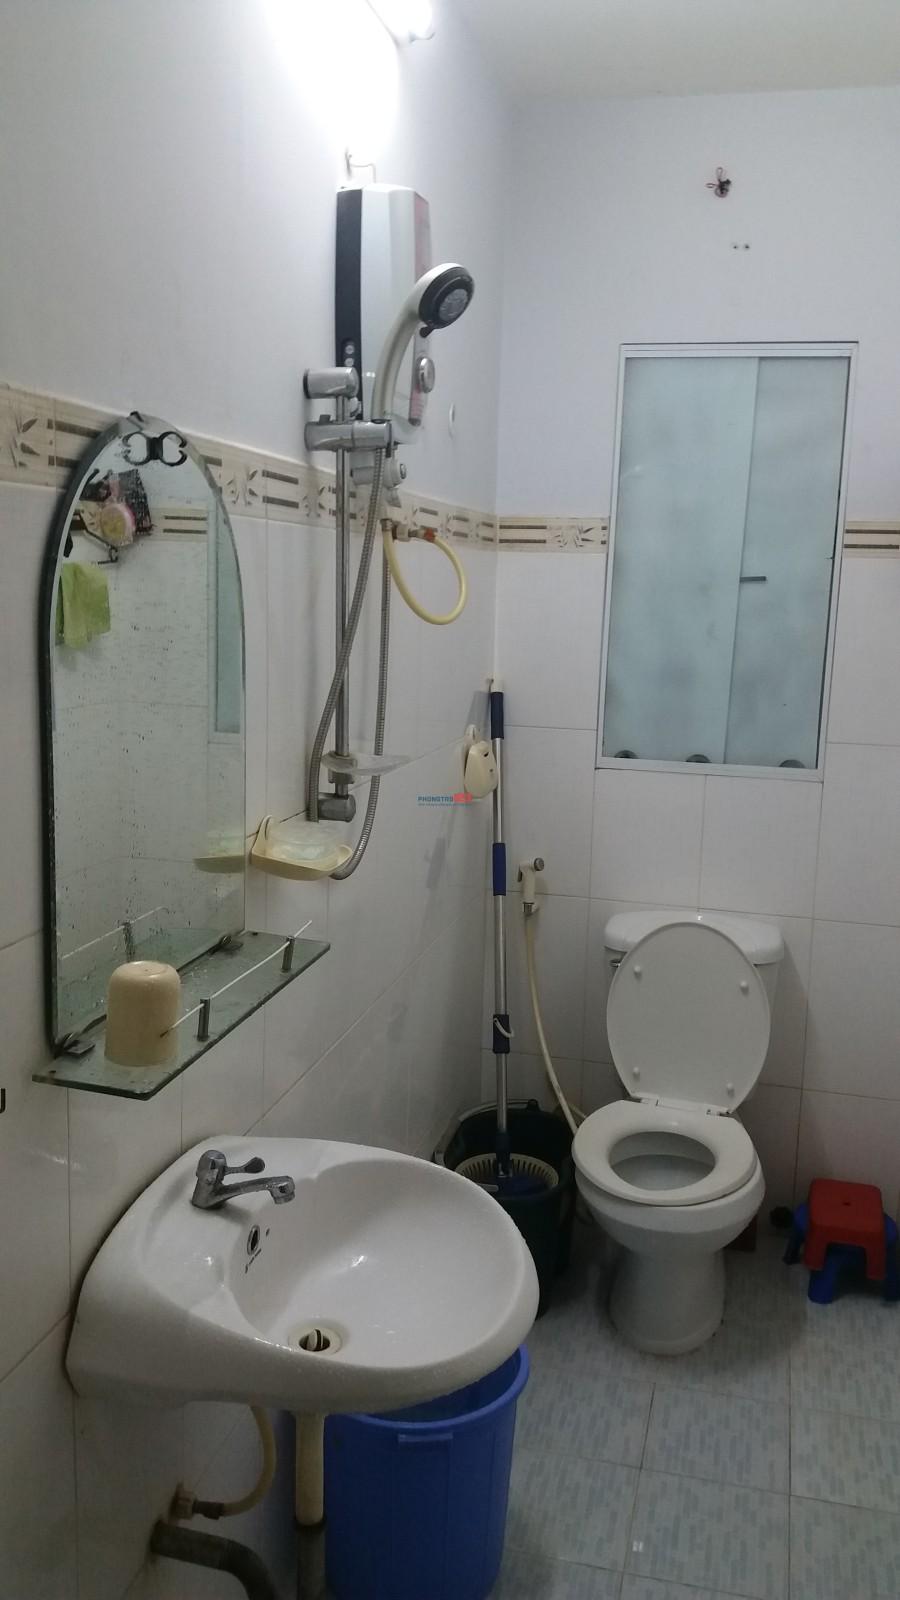 Còn phòng cho nữ thuê. Giá rẻ. Khu TT Q.8